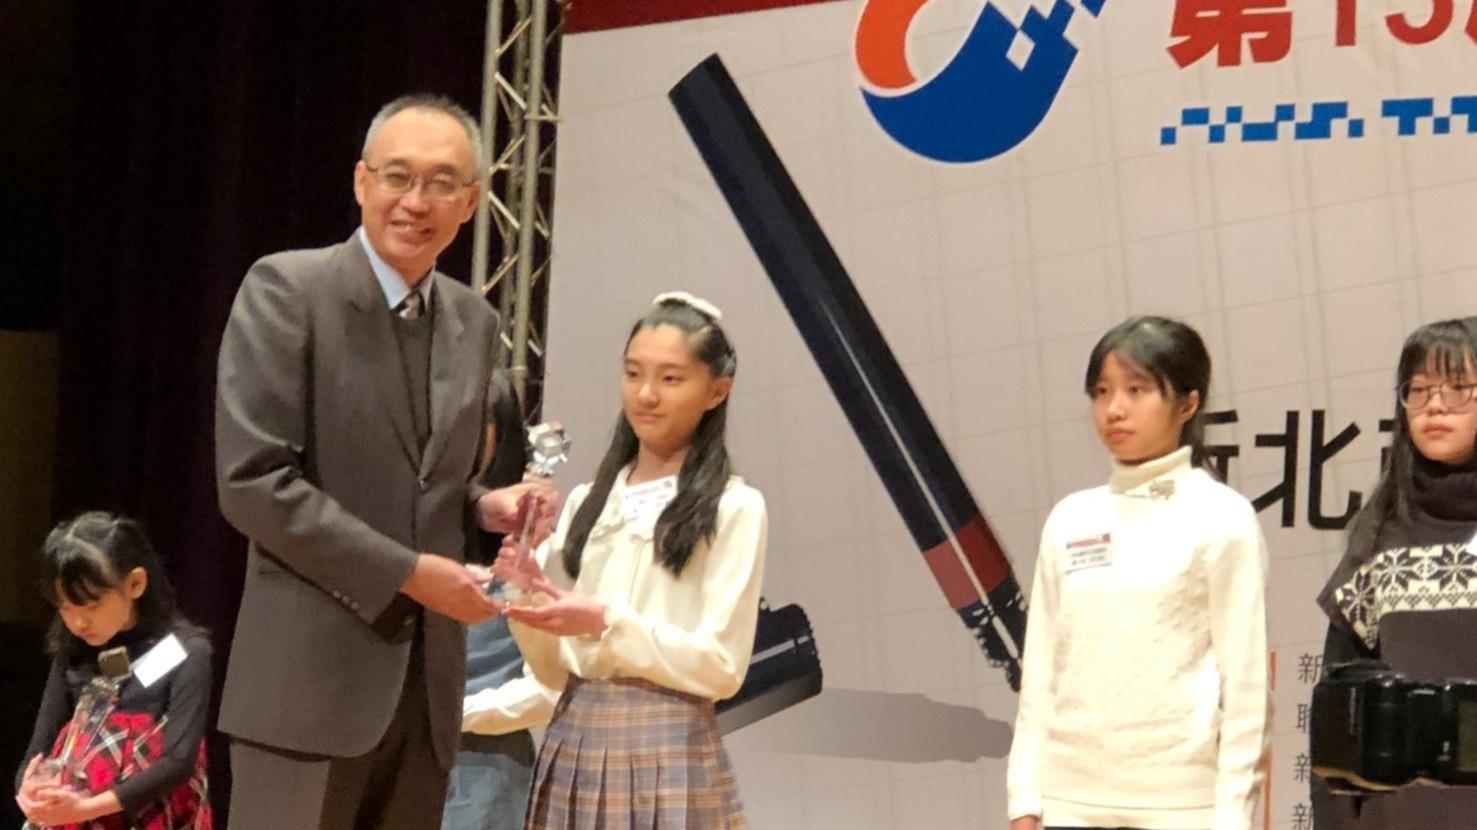 謝副市長頒獎給榮獲新北市第一名的學生